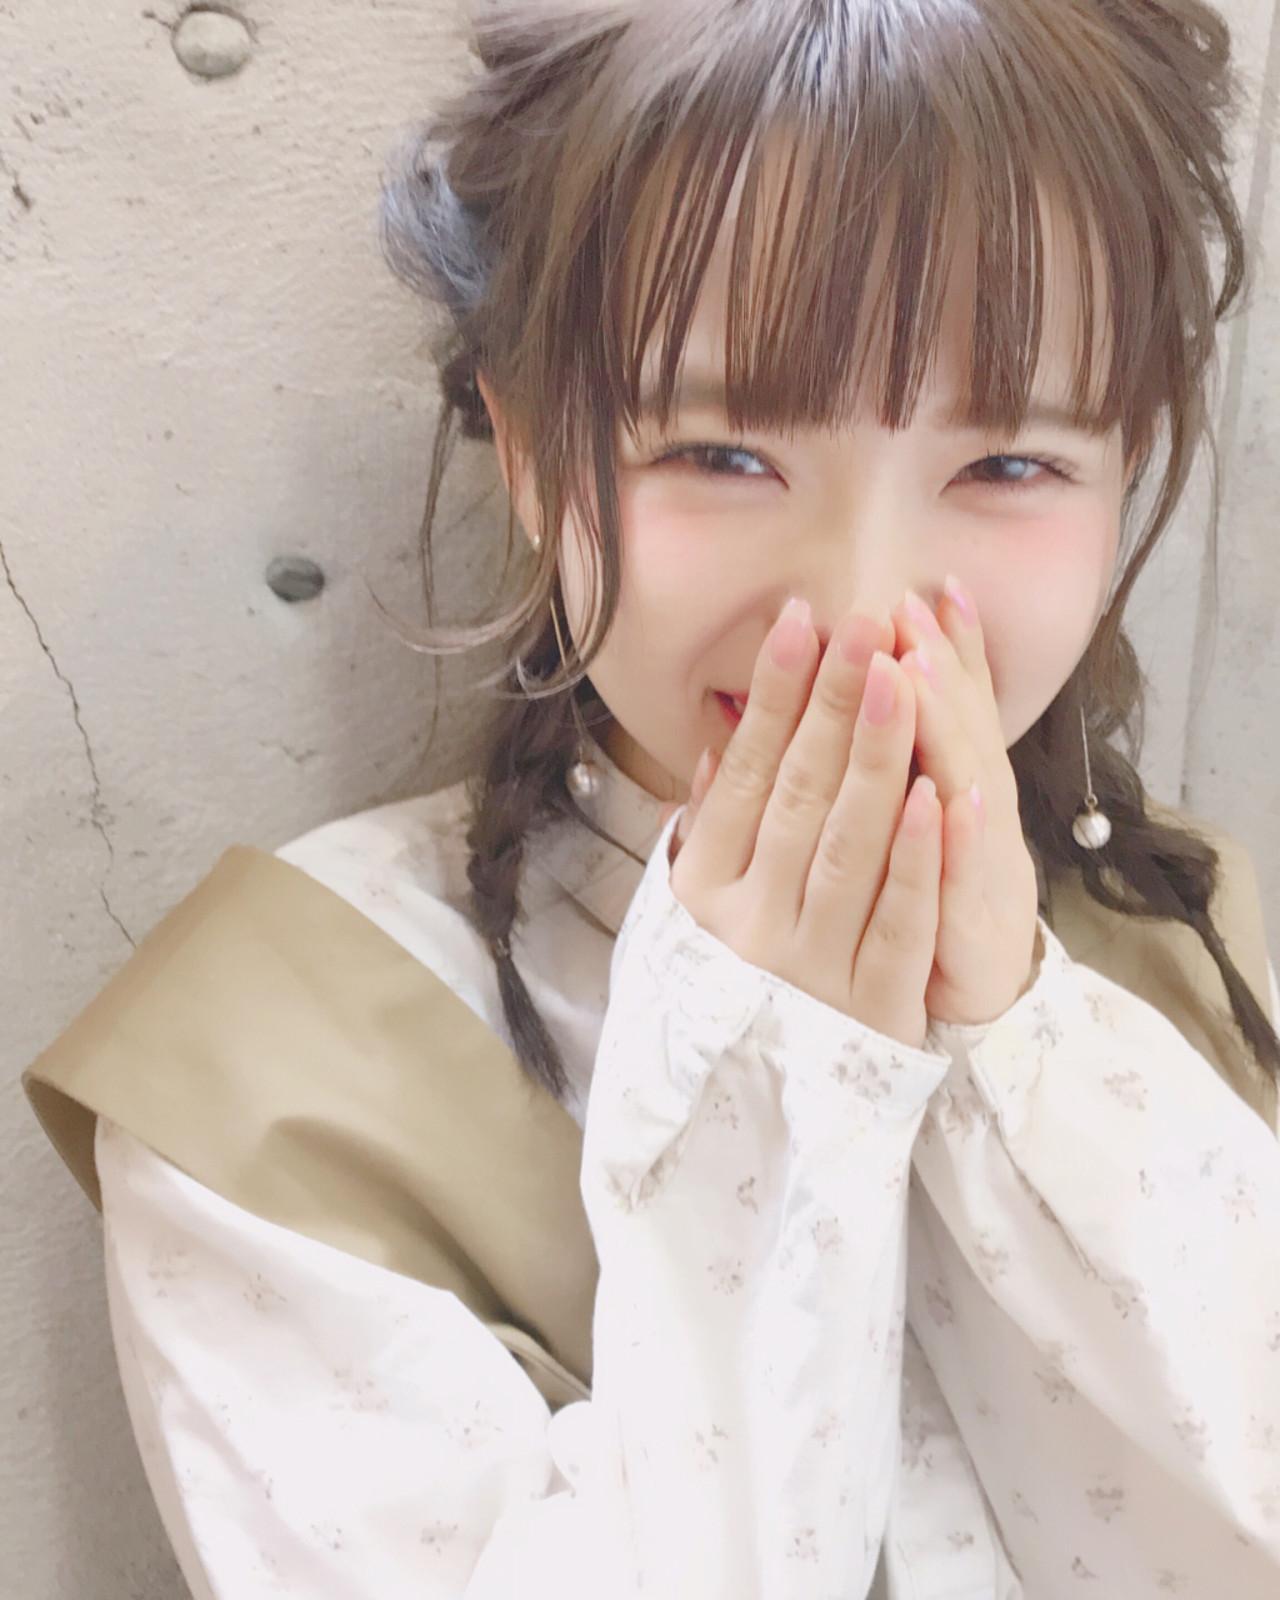 ぱっつん前髪がかわいさUPの秘訣♡三つ編みアレンジ Wataru Maeda